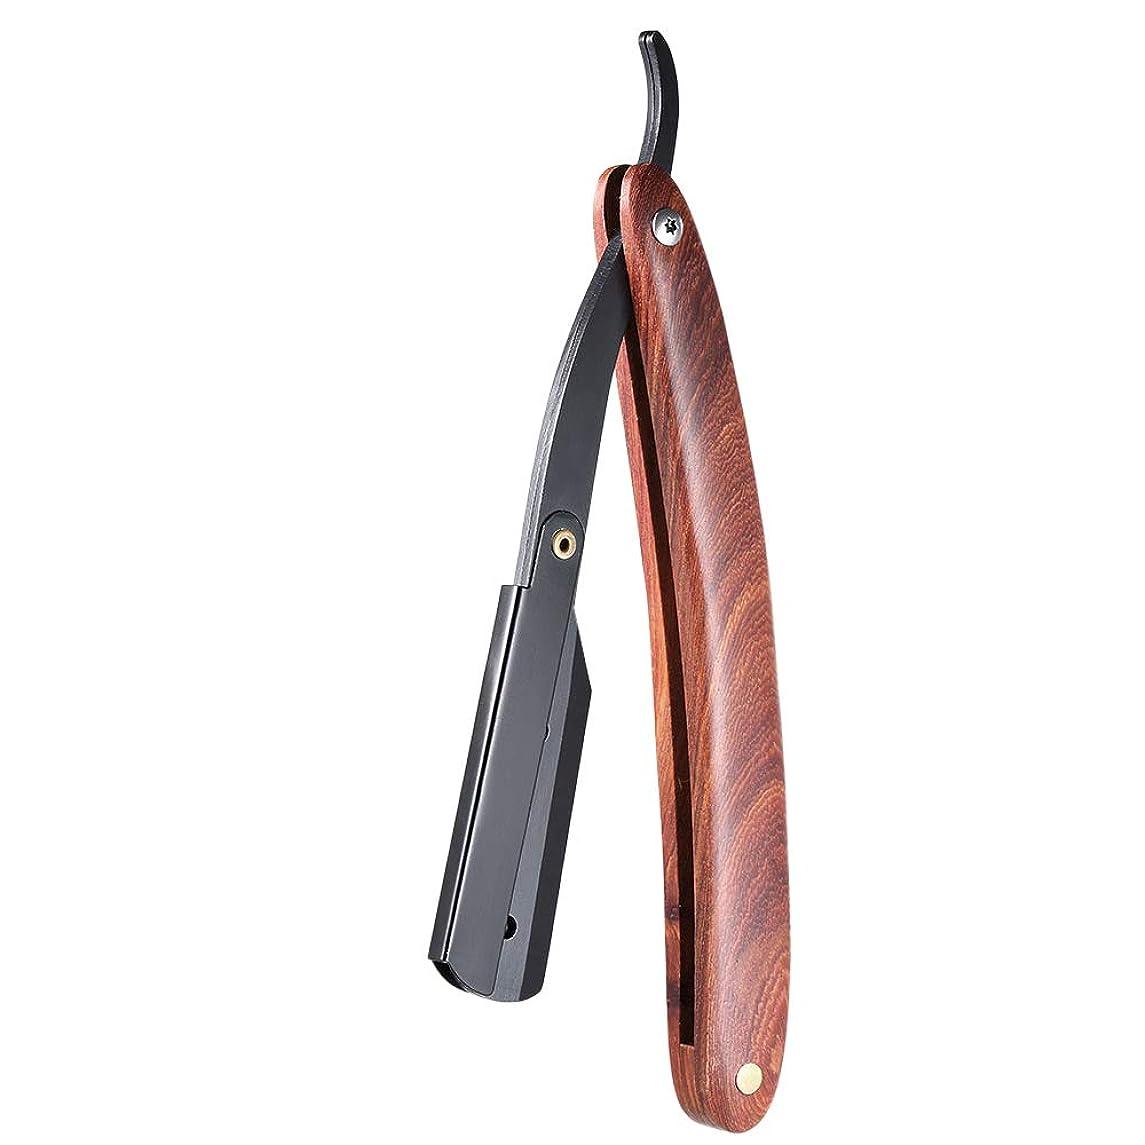 談話大気分布Men Shaving Straight Edge Razor Stainless Steel Manual Razor Wooden Handle Folding Shaving Knife Shave Beard Cutter Pouch